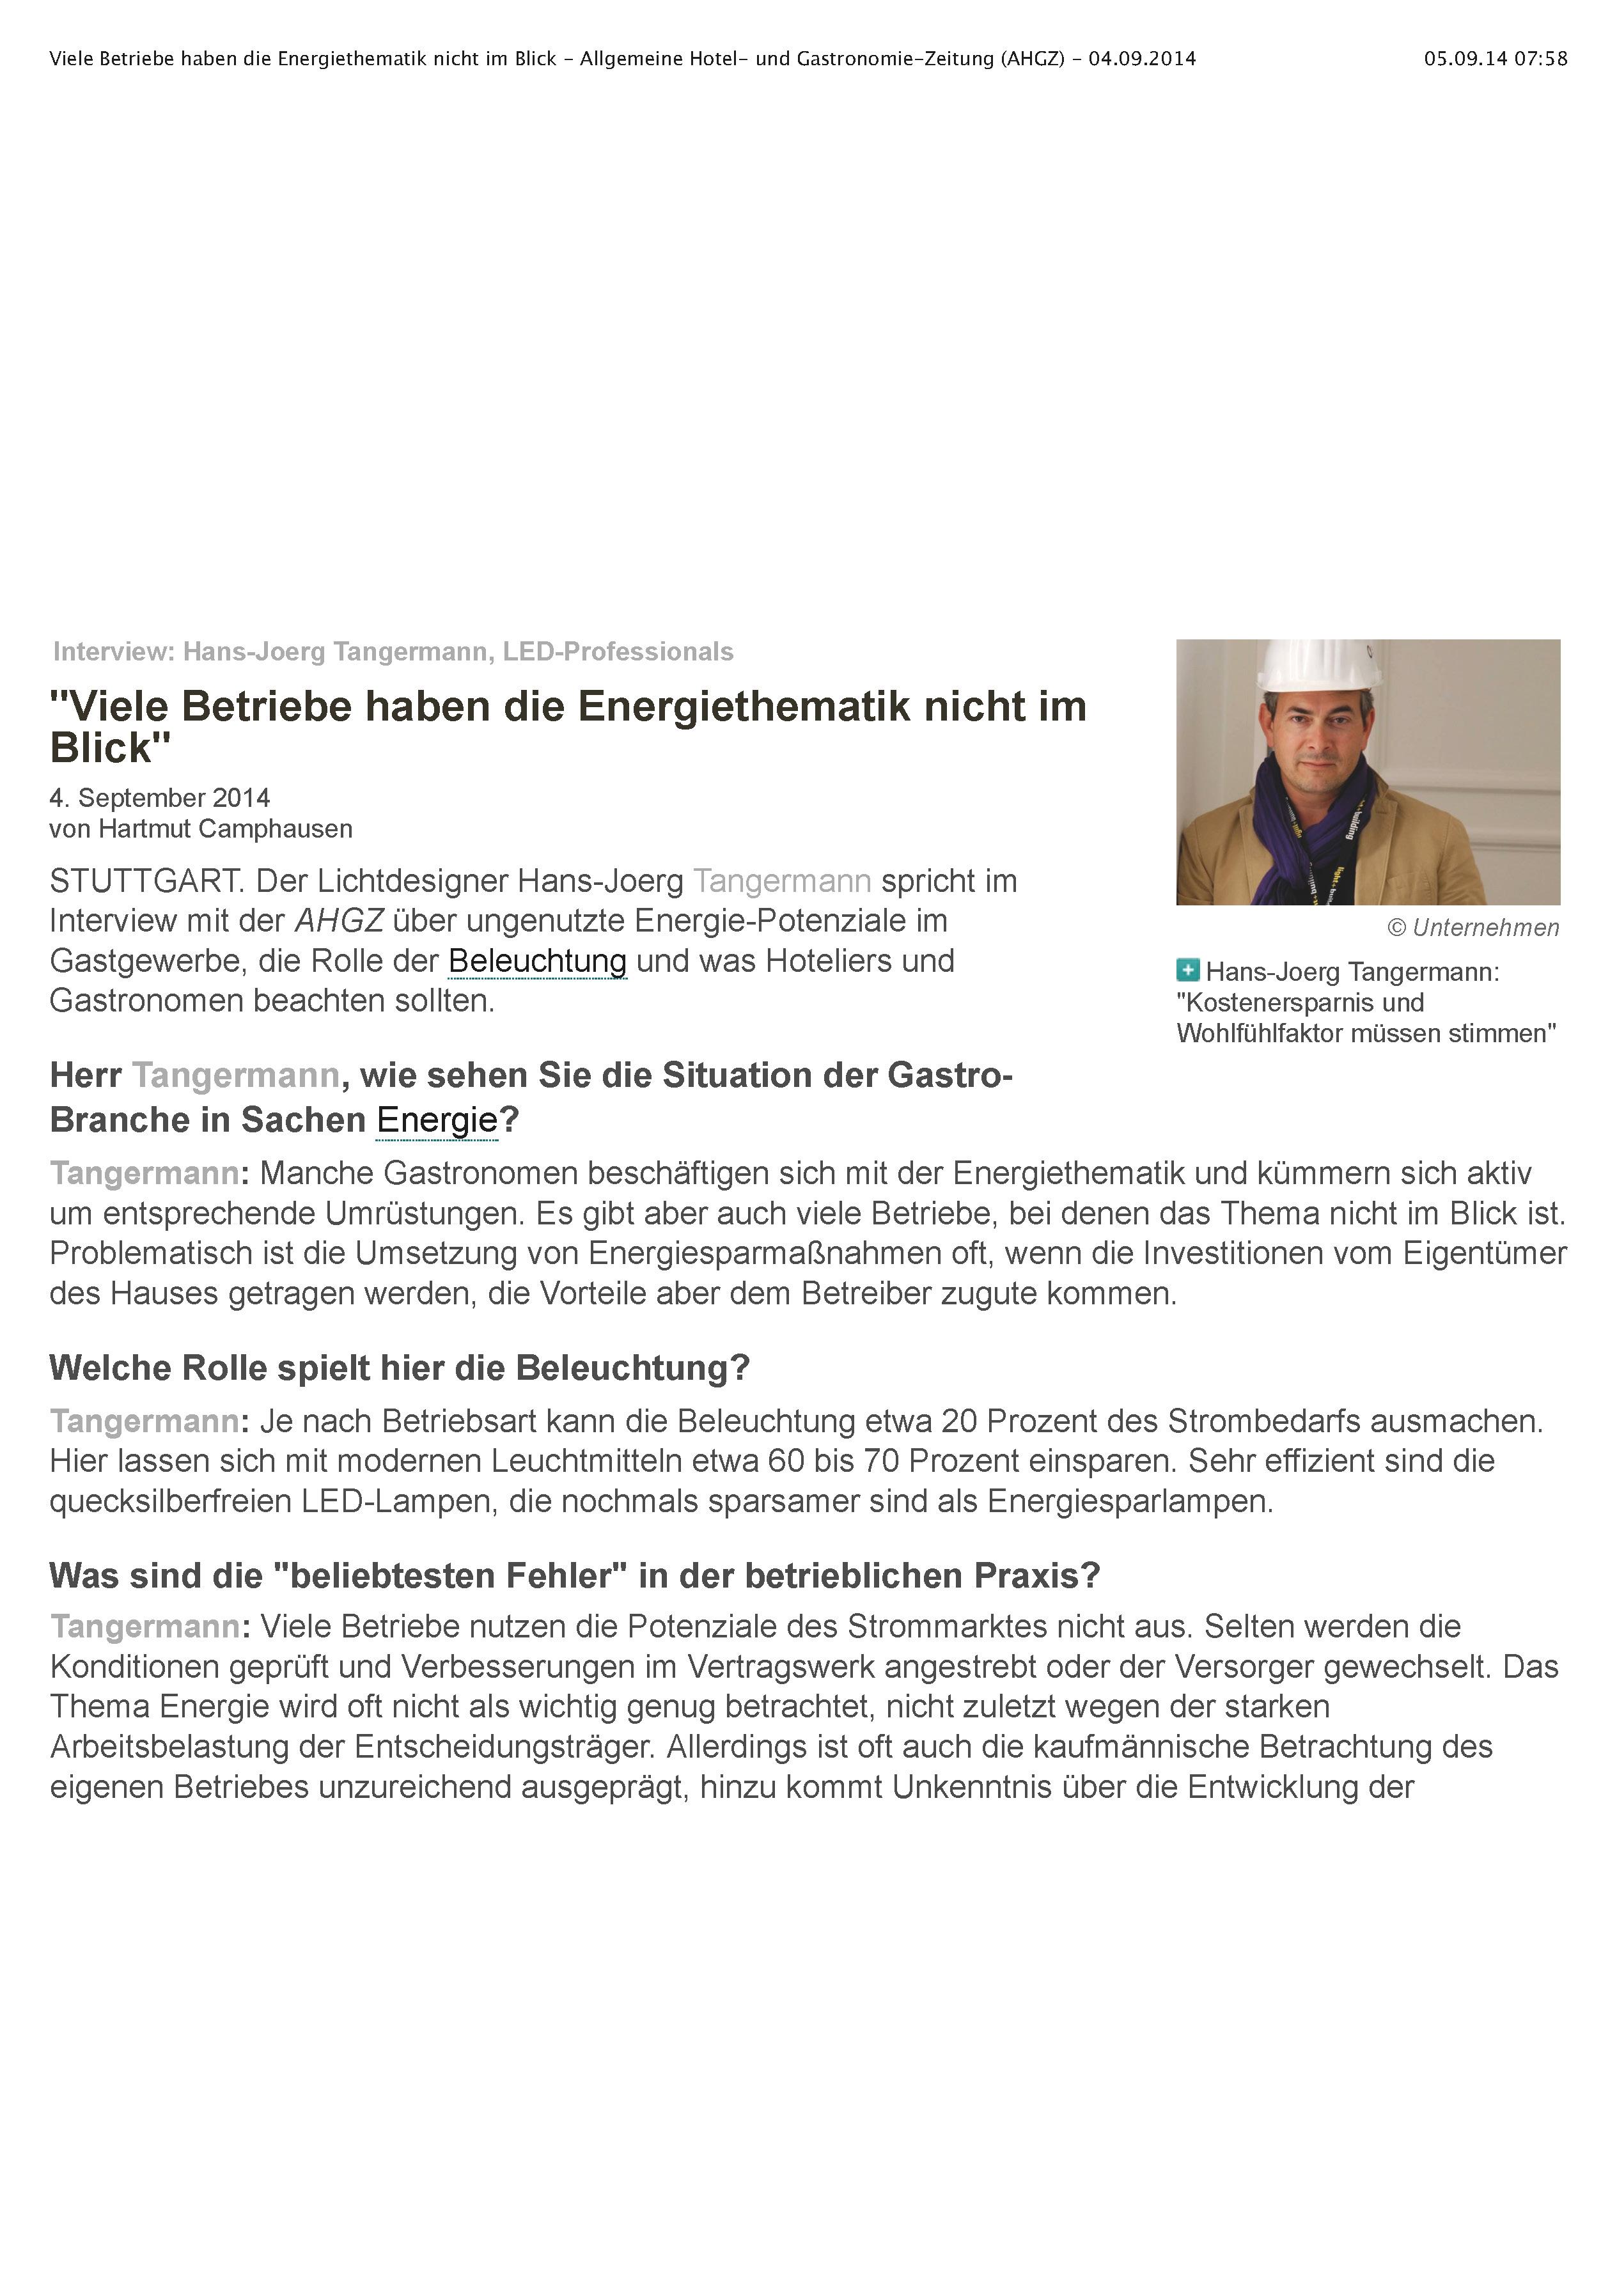 Viele Betriebe haben die Energiethematik nicht im Blick - Allgemeine Hotel- und Gastronomie-Zeitung (AHGZ) - 04.09.2014_Seite_1